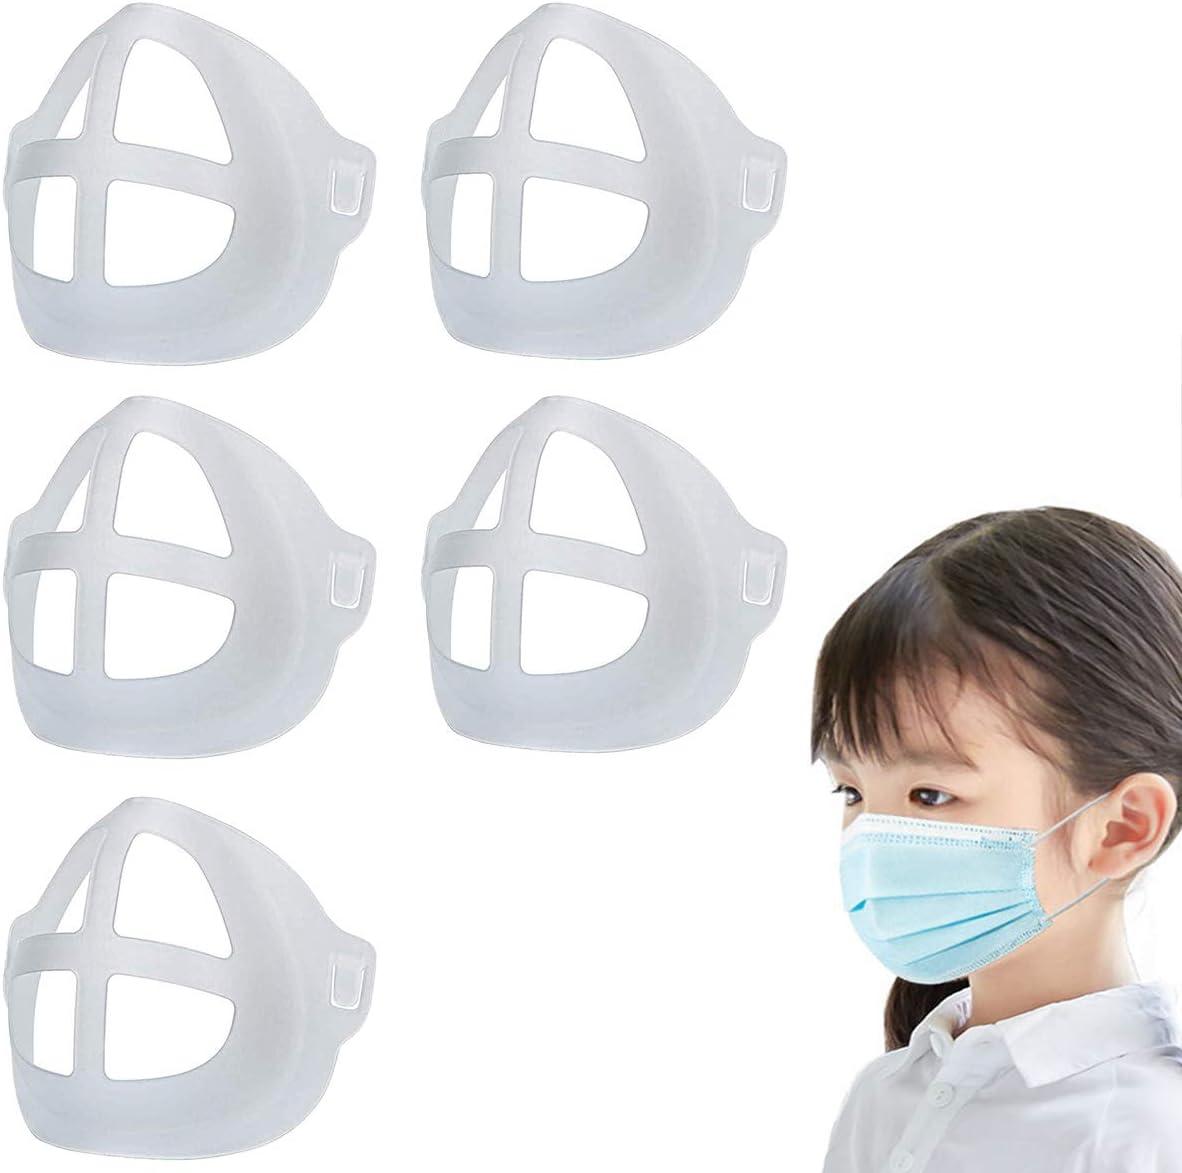 Soporte Reutilizable para la protección del lápiz Labial de la máscara Aumente el Espacio de respiración Ayuda a Respirar Suavemente Lavable